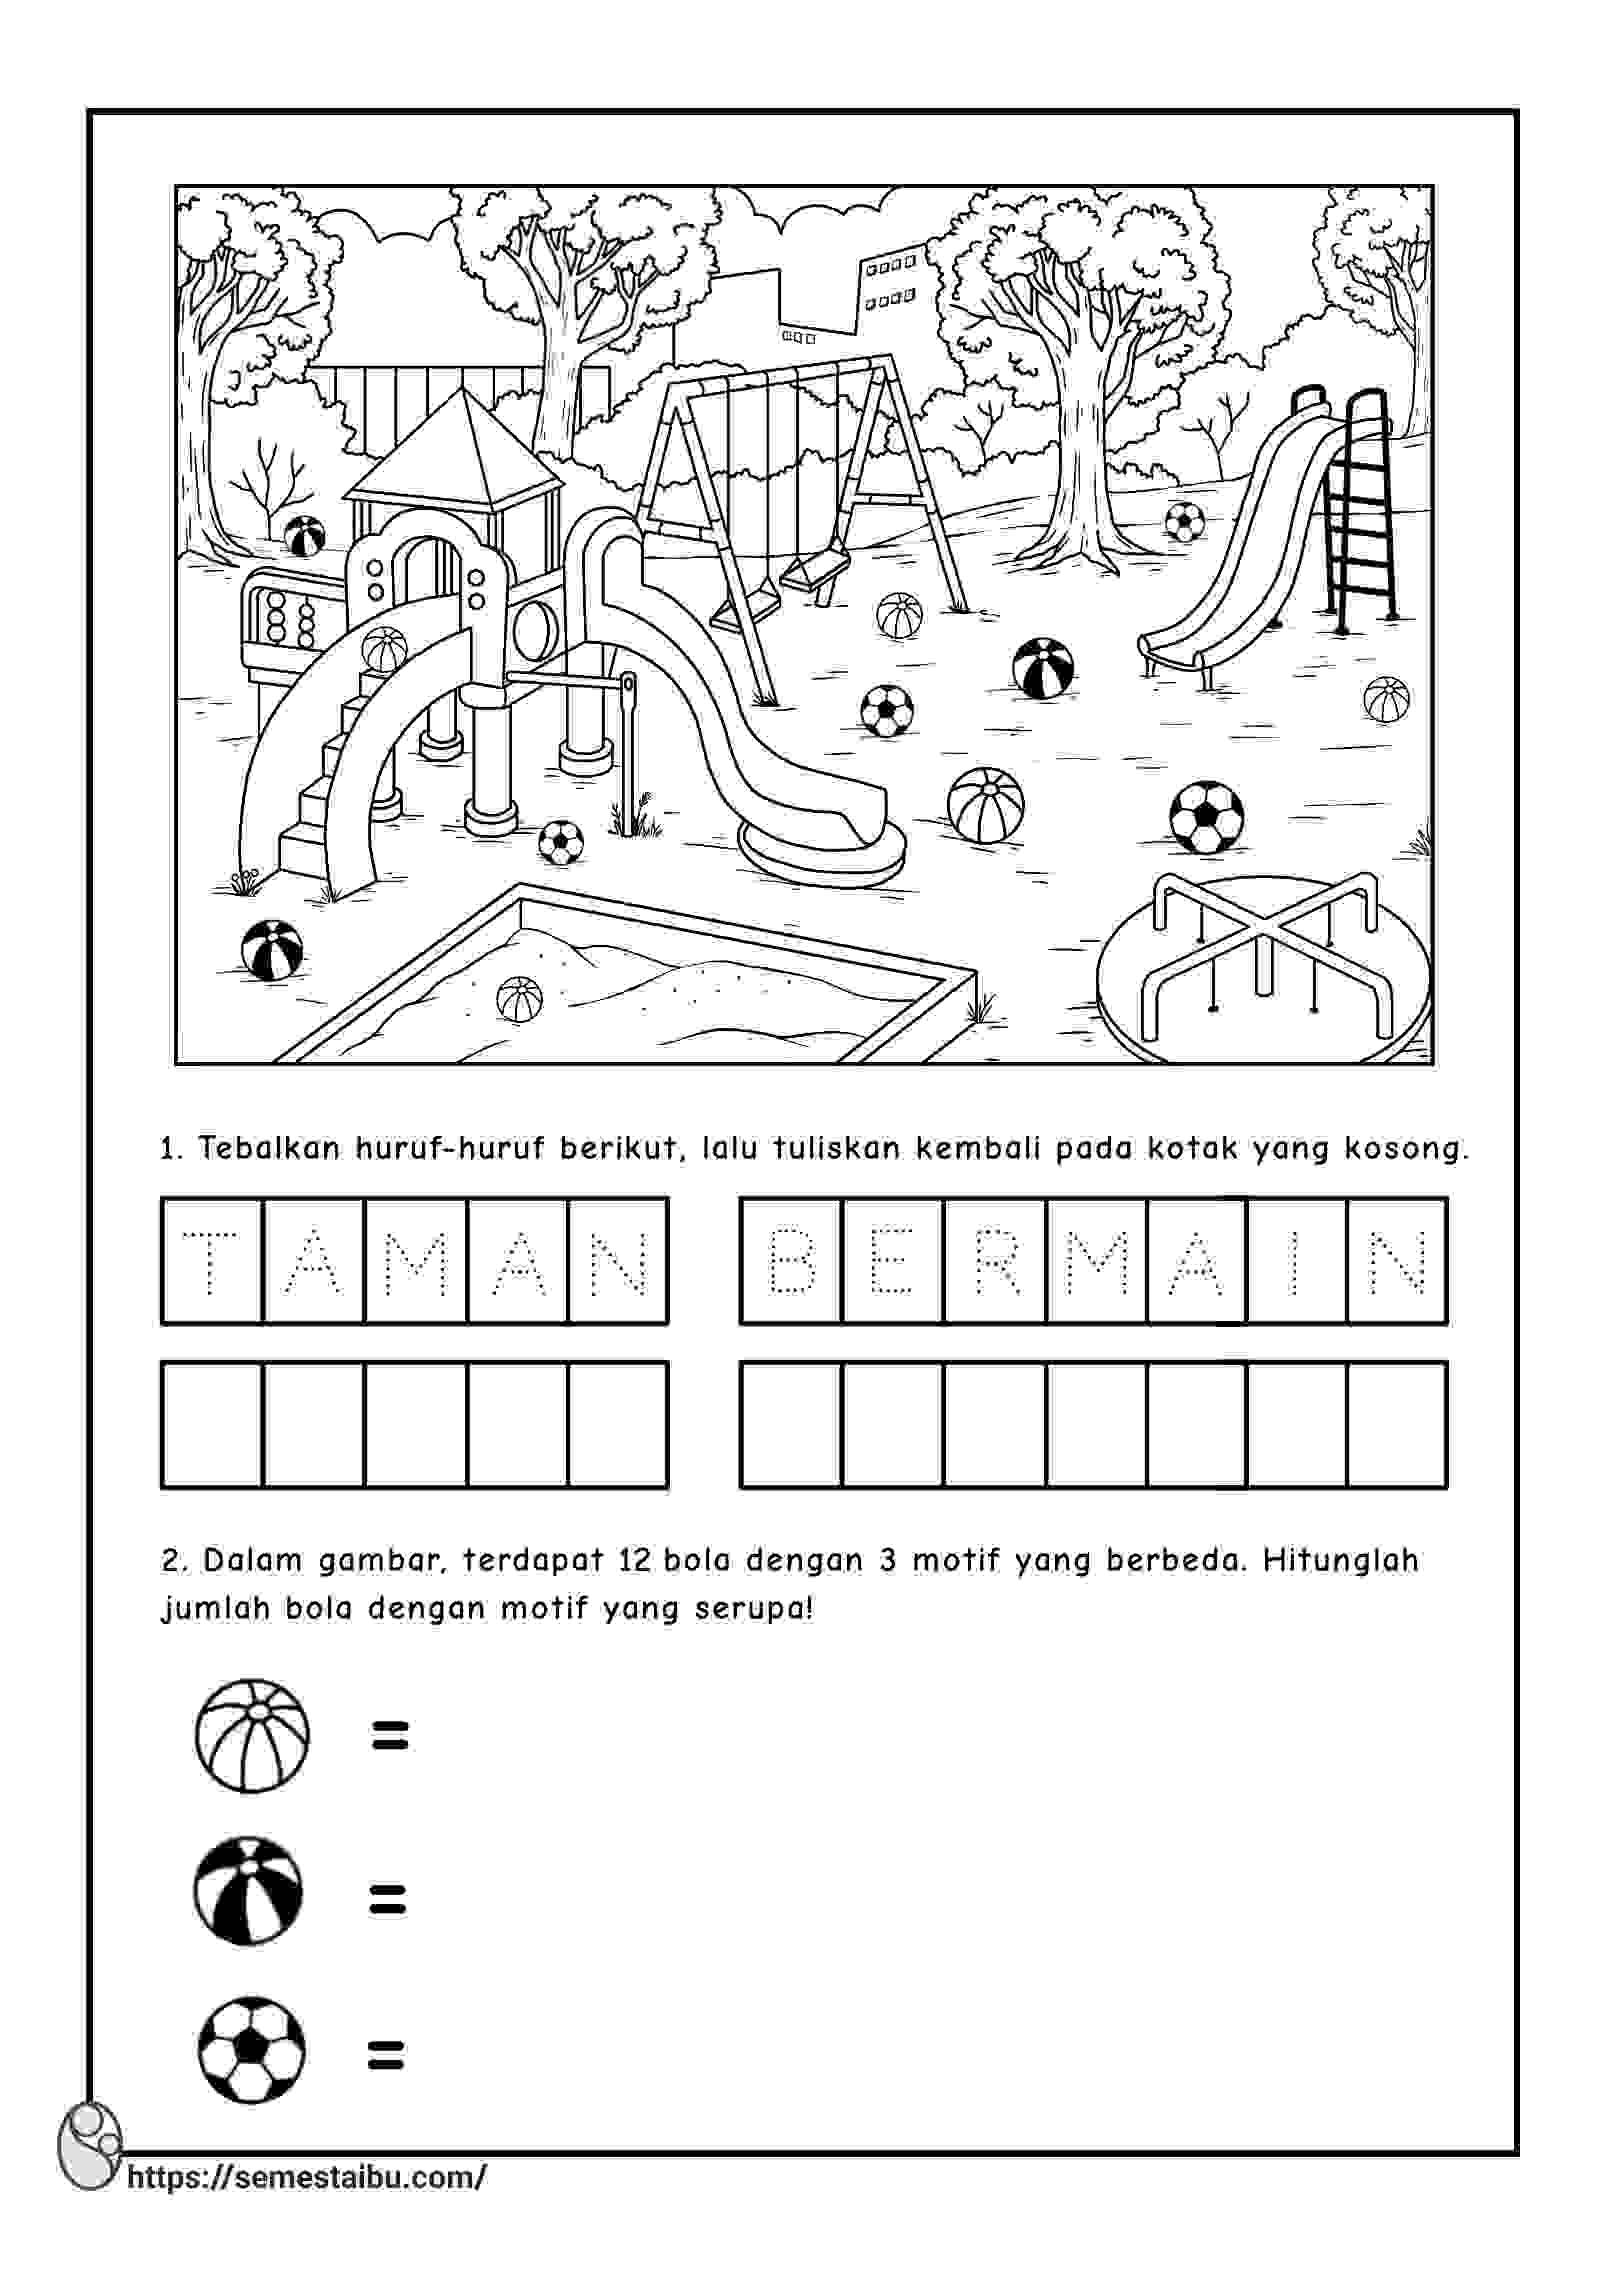 Lembar kerja anak tk paud tema rekreasi